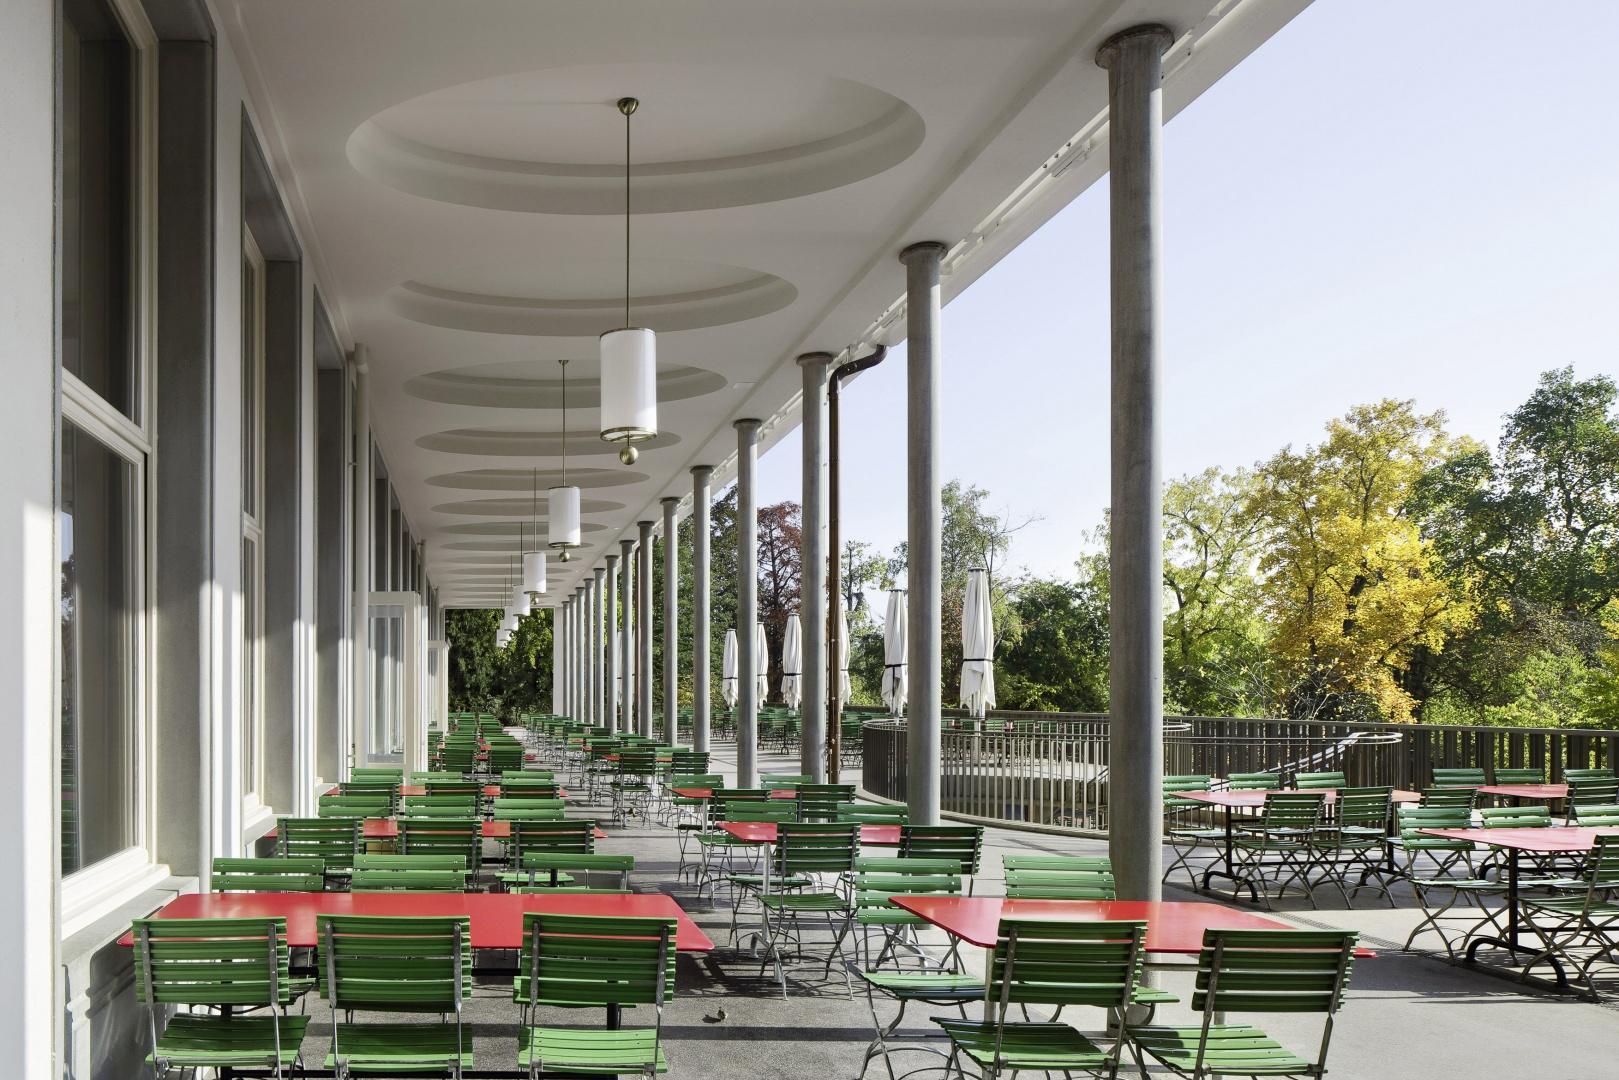 Terrasse © Tom Bisig, Basel